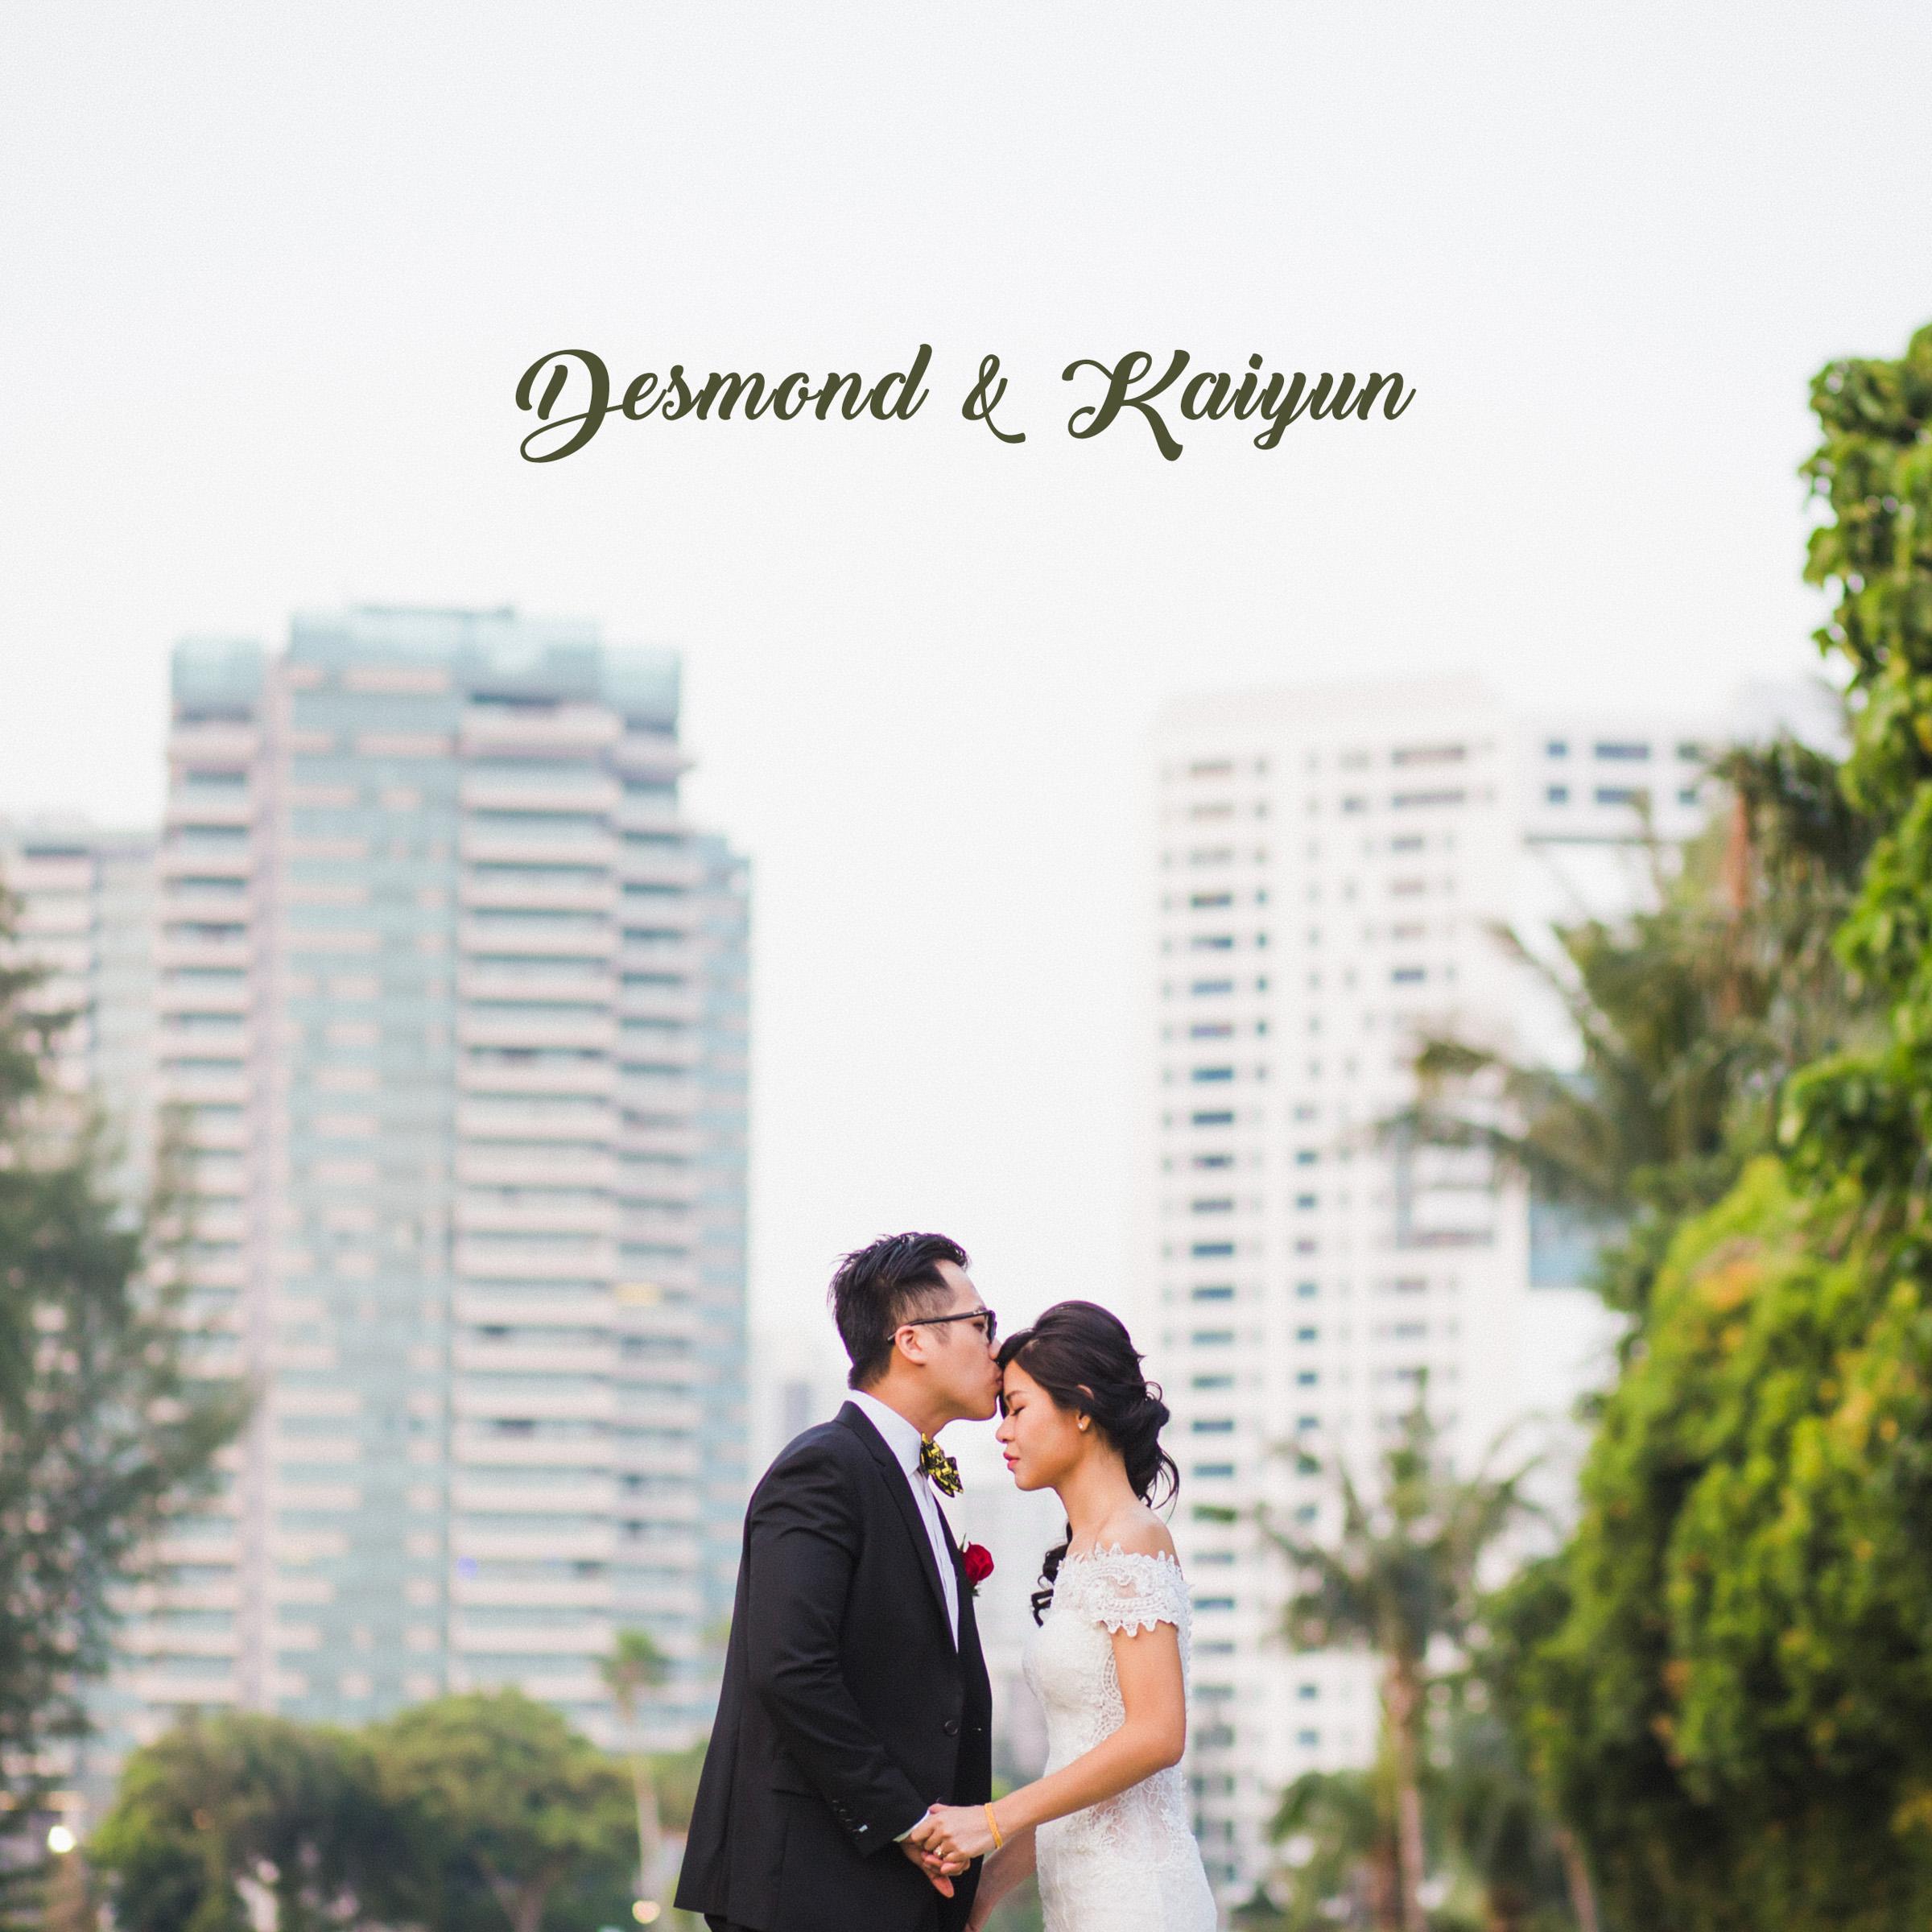 Desmond & Kaiyun Actual Day